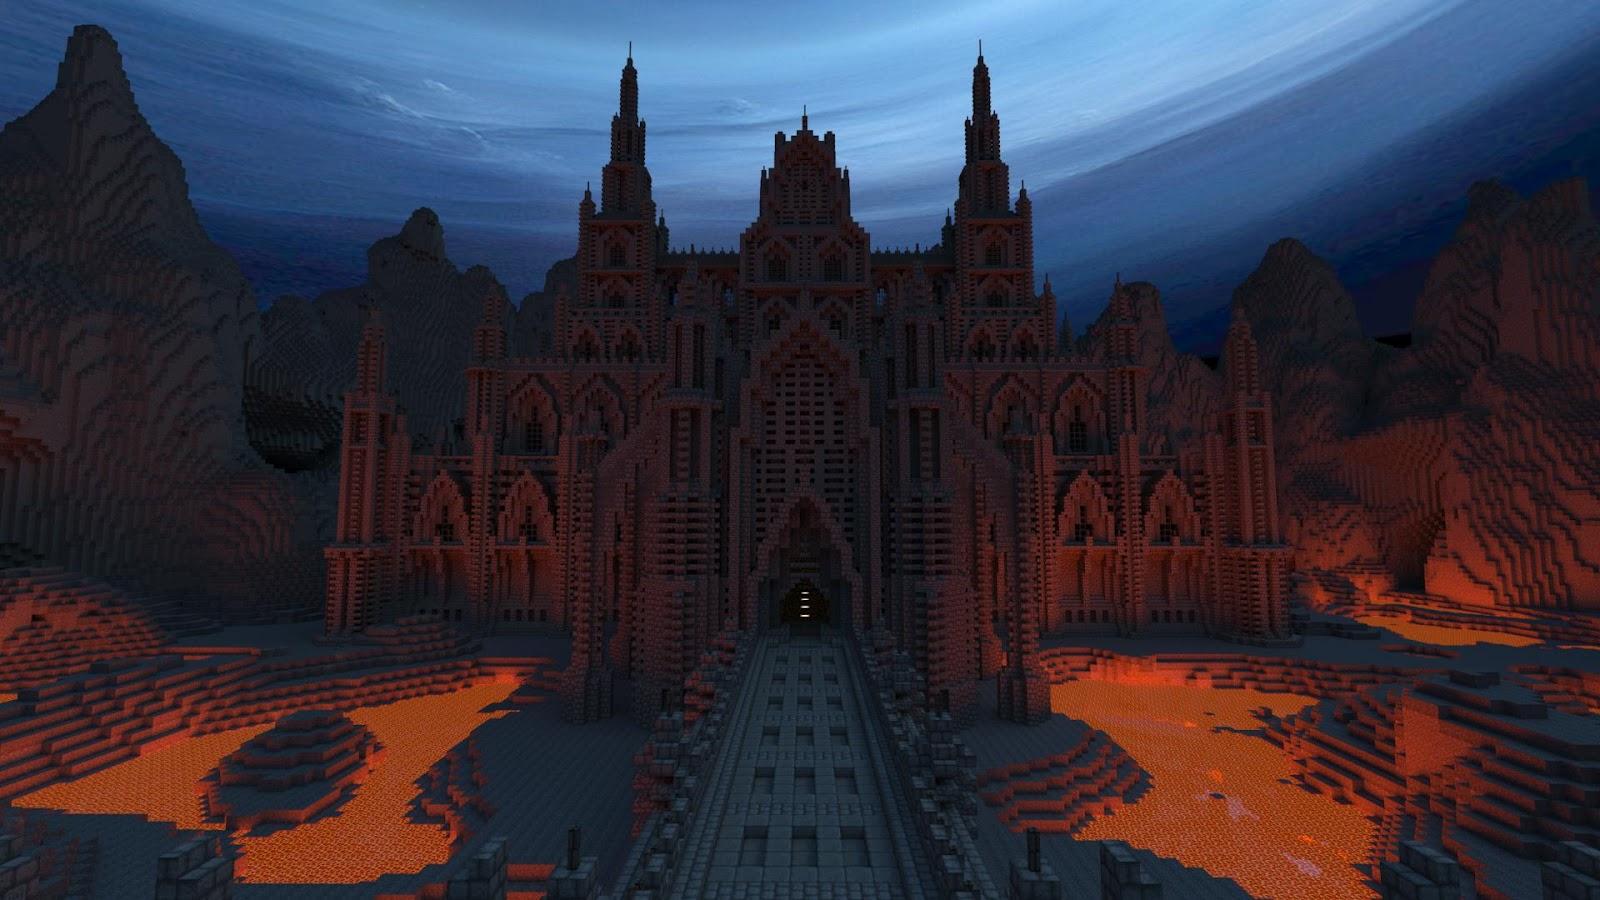 Dark Gothic Minecraft Castle